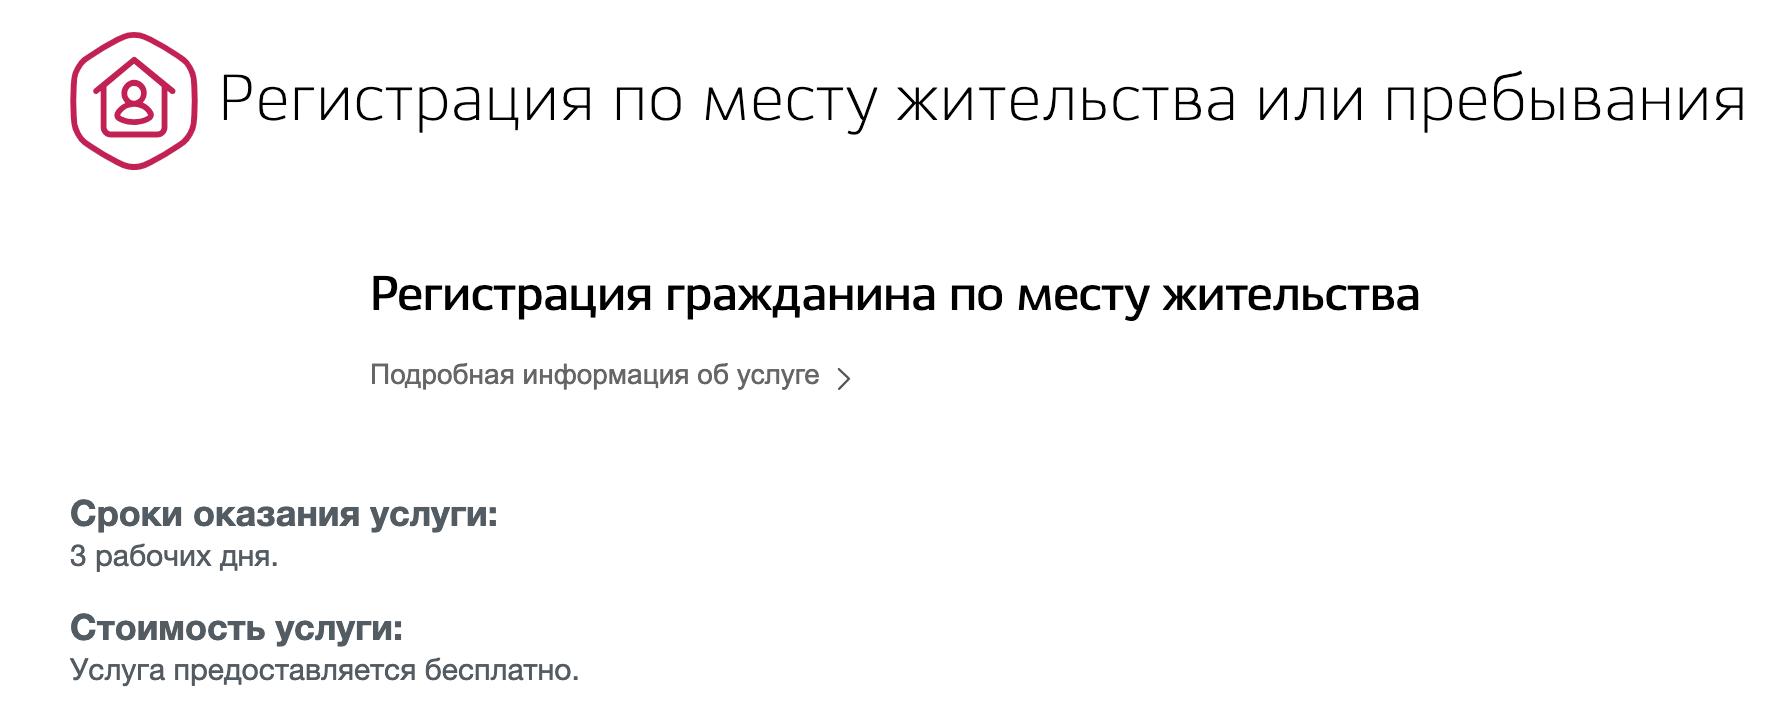 registraciya-mesta-propiski.png